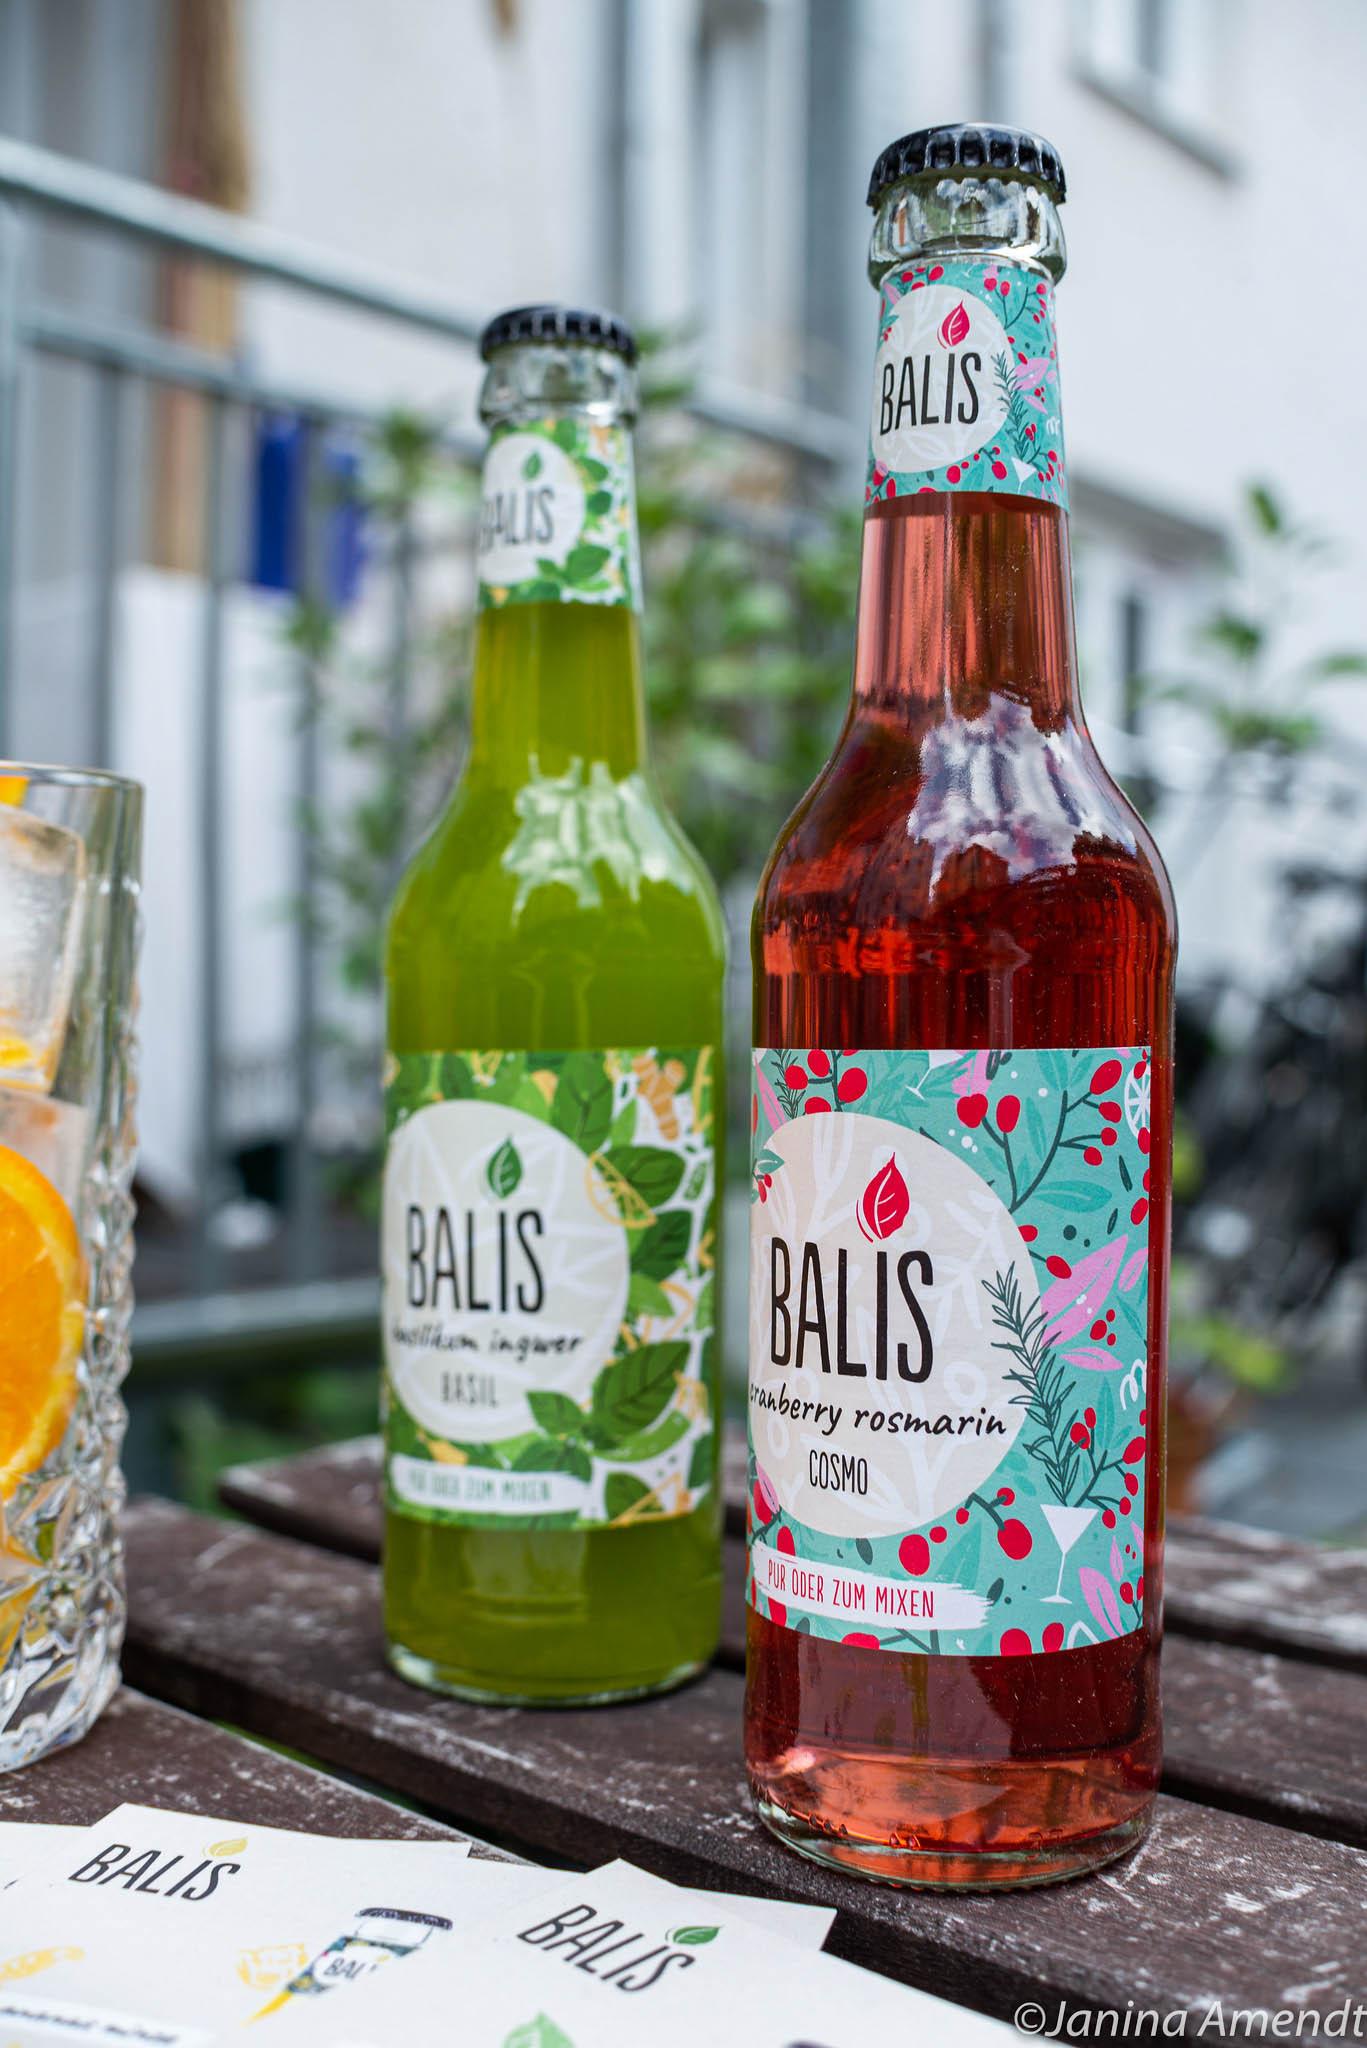 Balis – Limonaden aus München